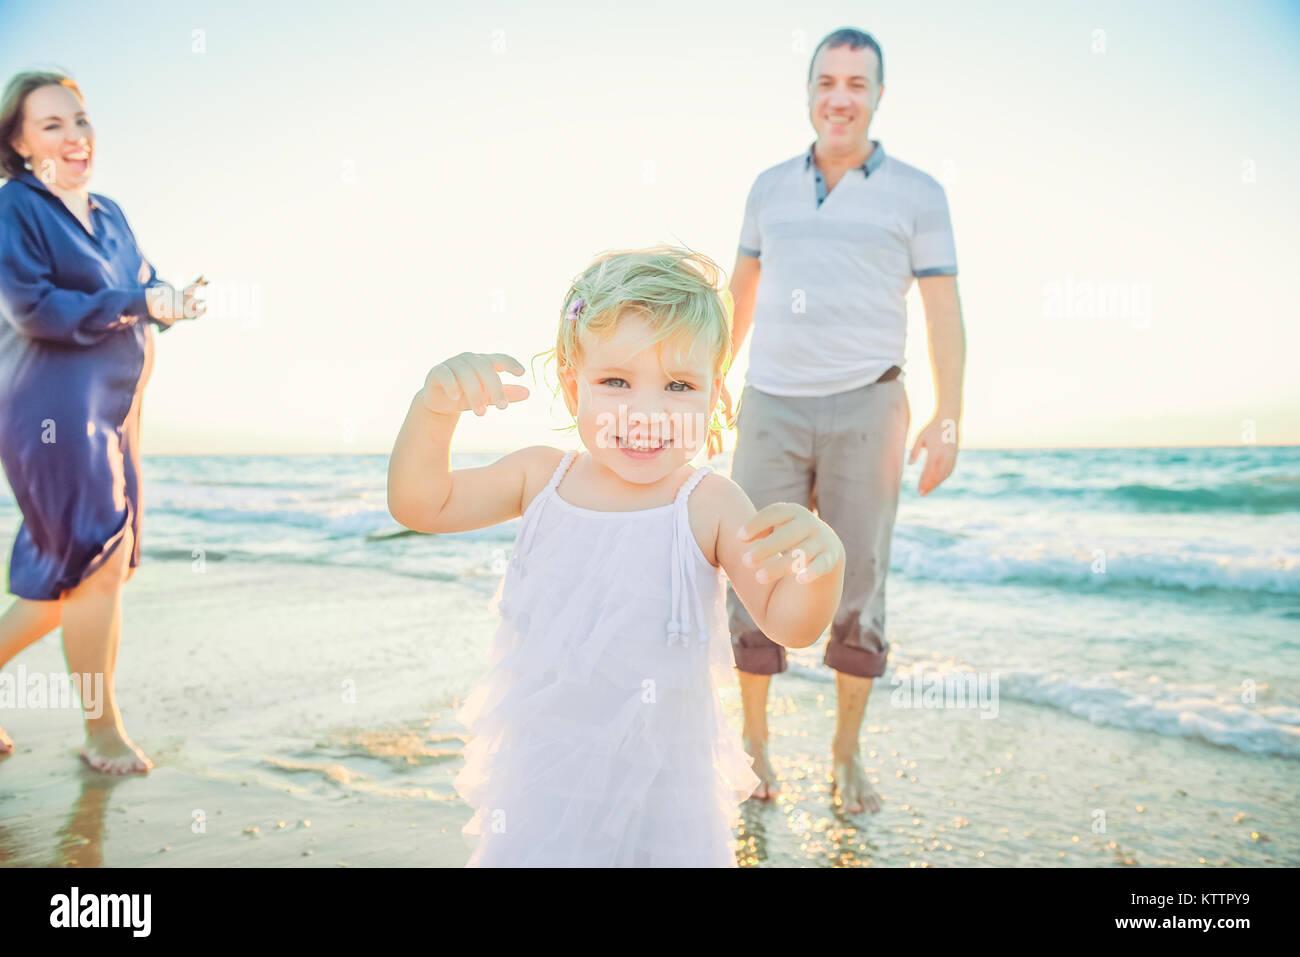 Laughing Baby chica sonriente que va adelante con los padres en el fondo. Felicidad y armonía en la vida familiar. Imagen De Stock